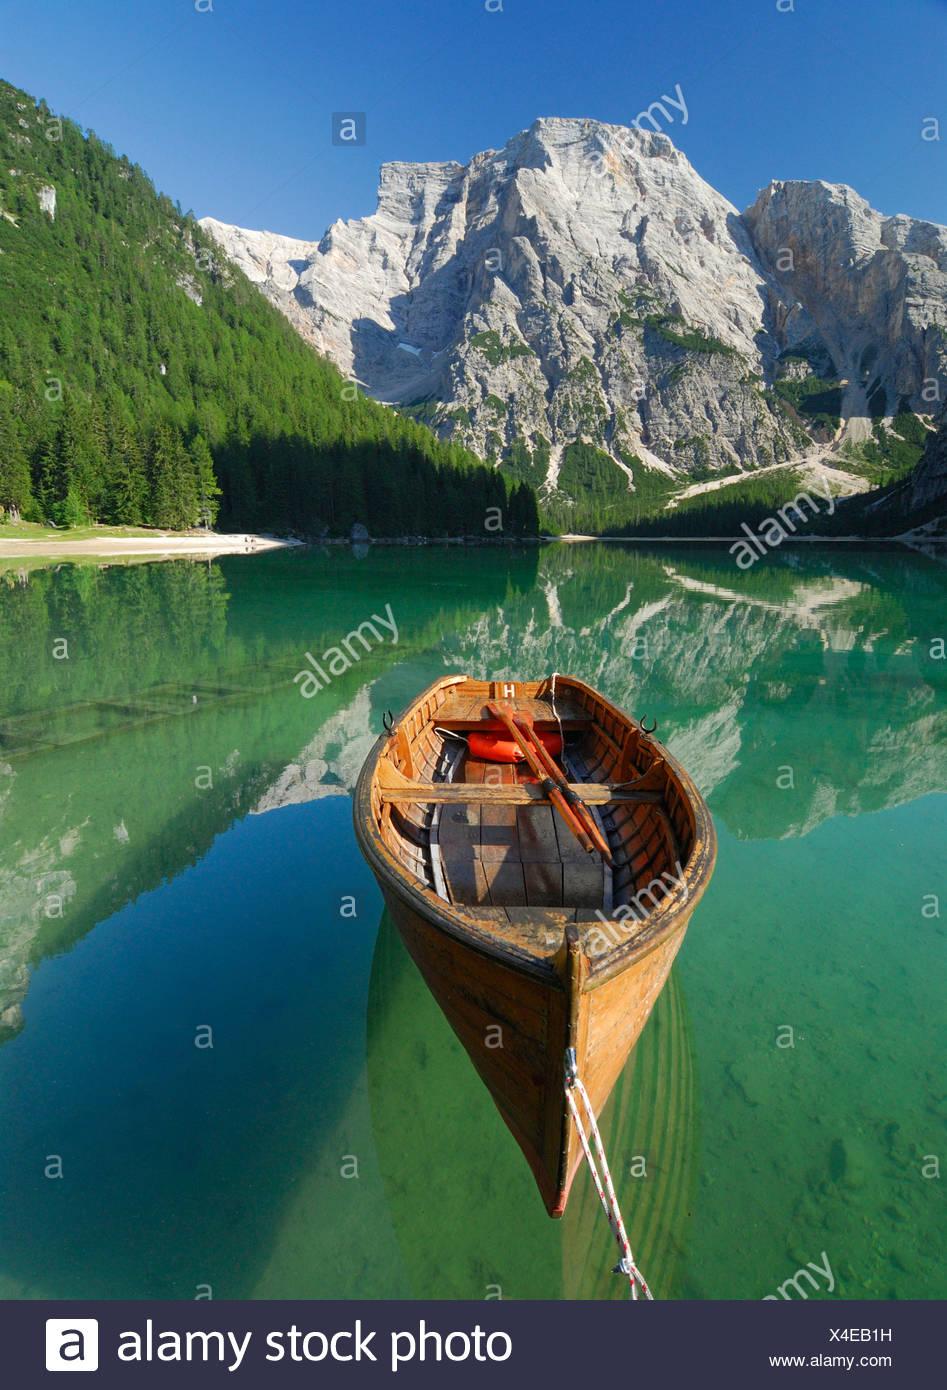 Pragser Wildsee Lago di Braies, Seekofel Croda di Brecco, Pustertal, South Tyrol, Italy Stock Photo